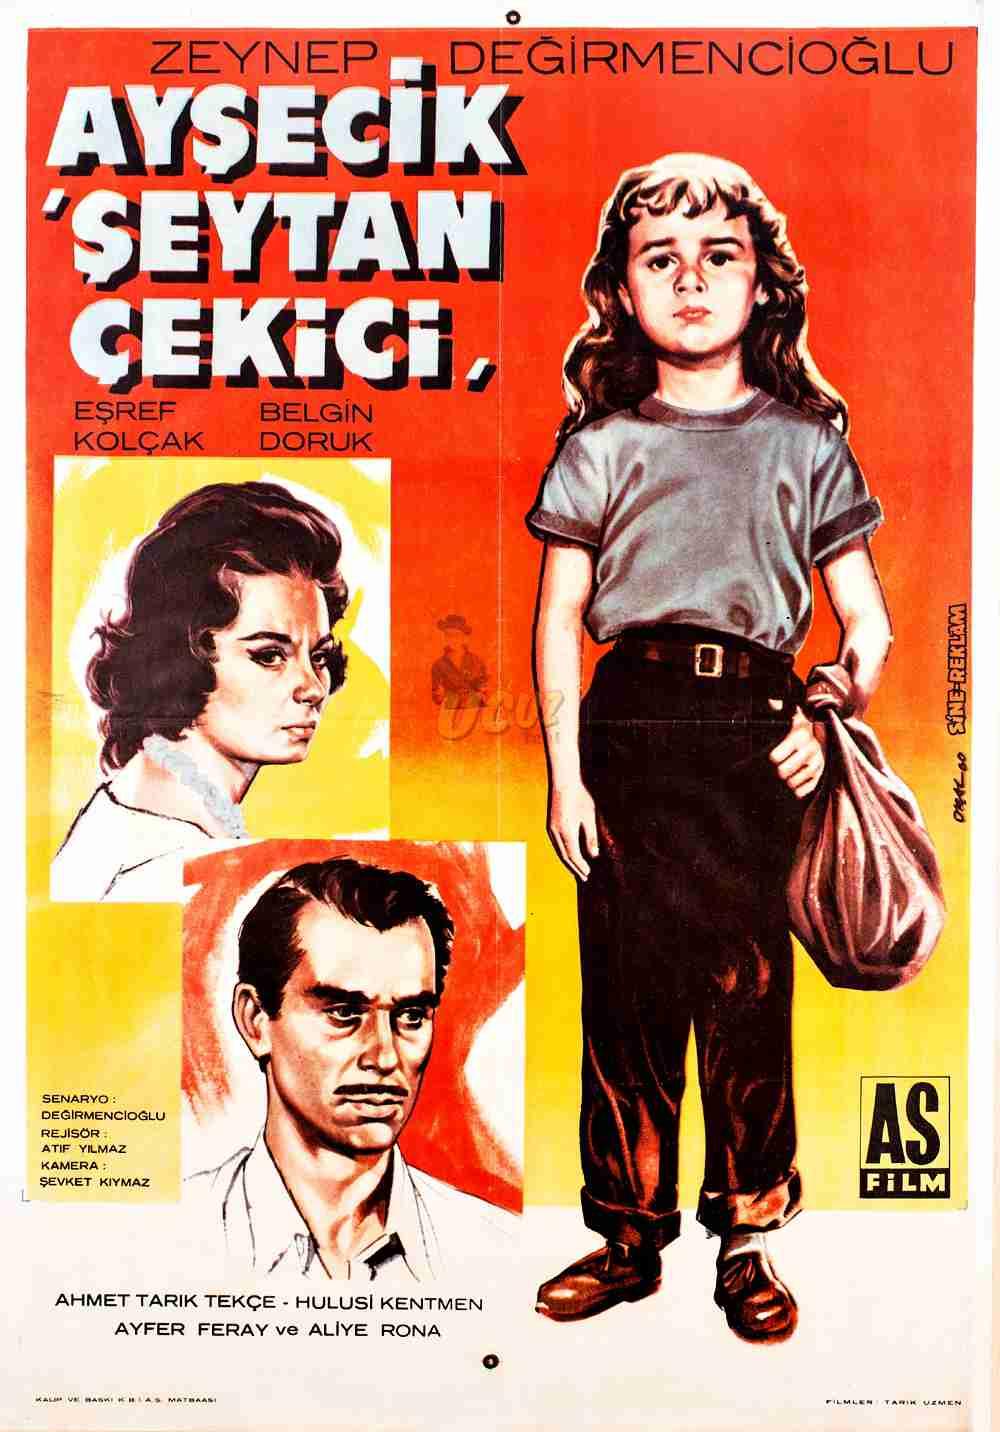 aysecik_seytan_cekici_1960-2